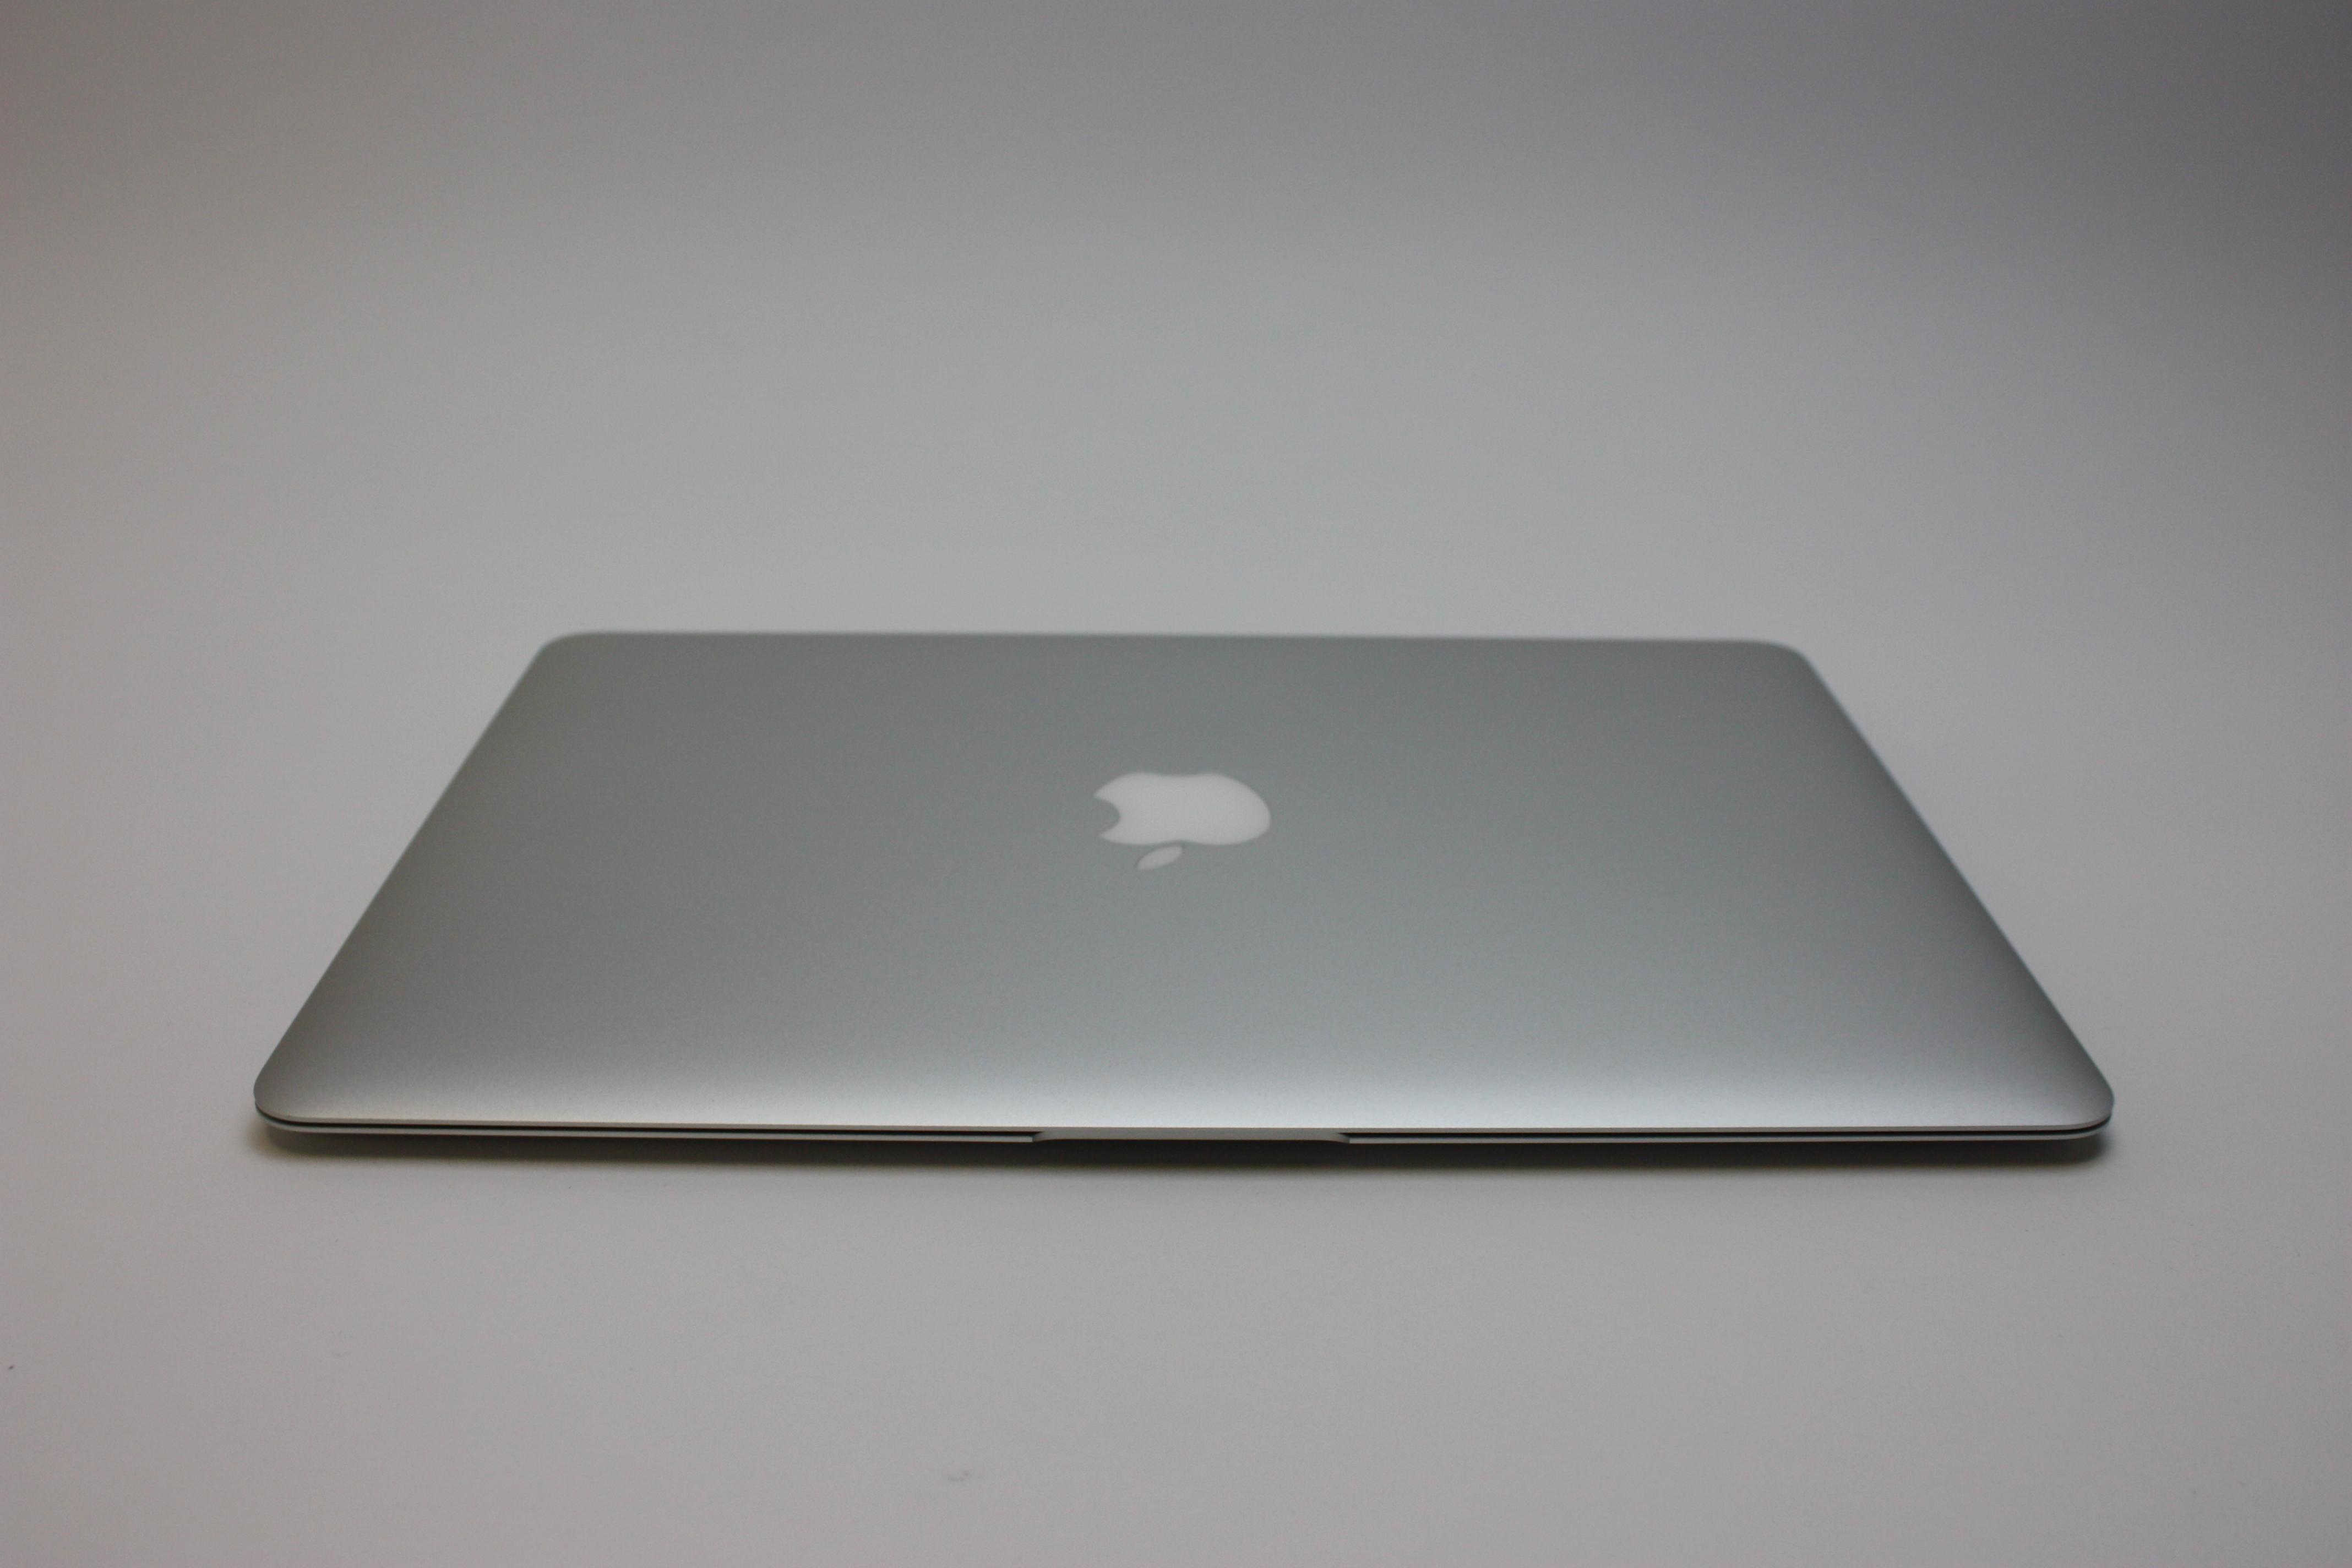 MacBook Air 13-inch, 1.6 GHz Core i5 (I5-5250U), 8 GB 1600 MHz DDR3, 128 GB Flash Storage, image 4